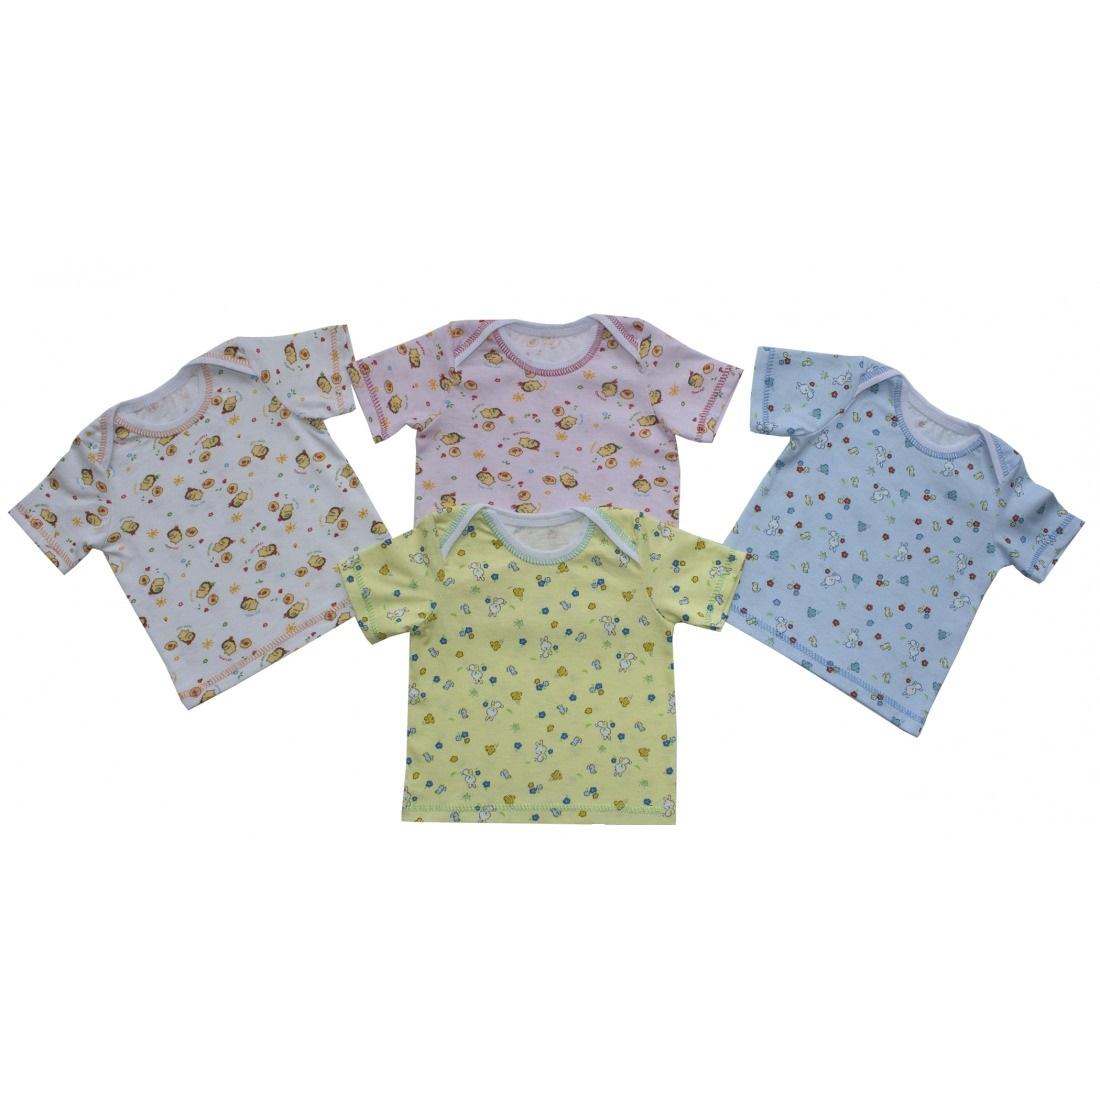 Фуфайка (футболка) детская ТоптыжкаМайки и футболки<br><br><br>Размер: Розовый